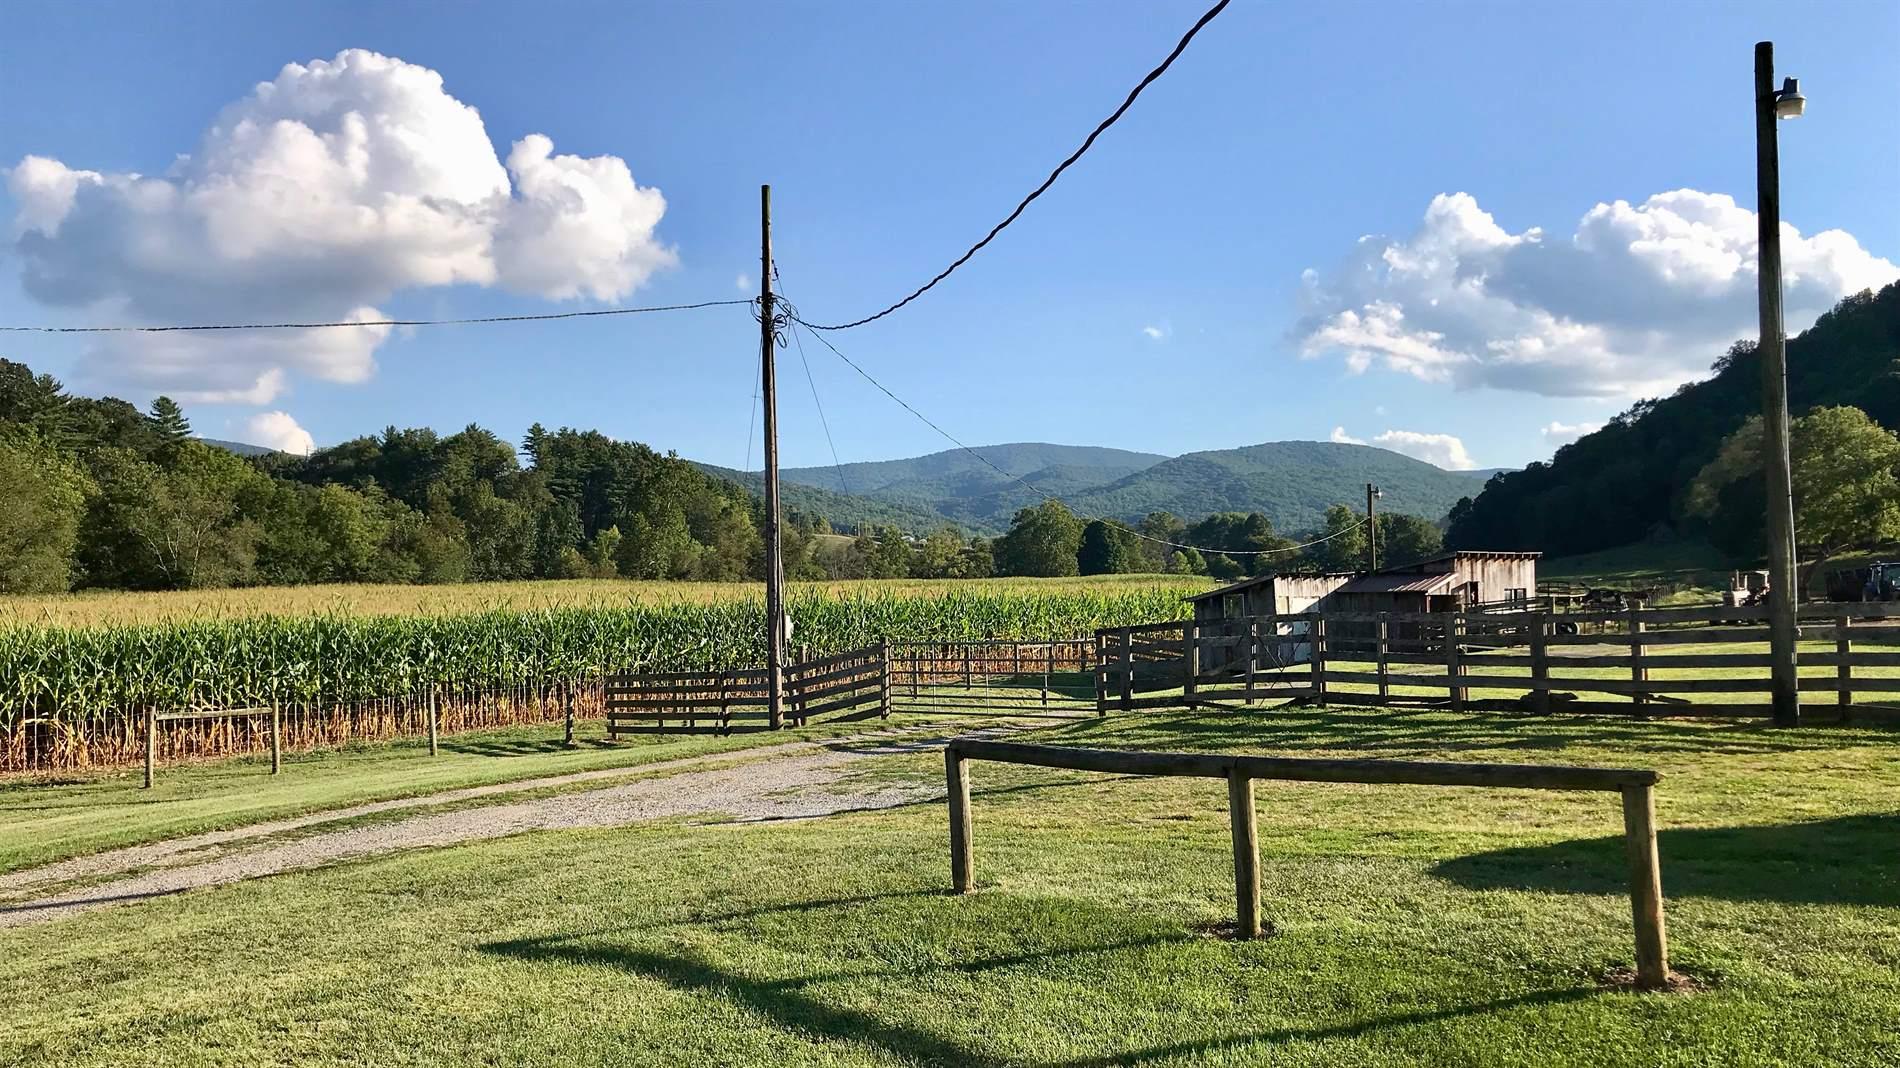 271 Crigger Road, Rural Retreat, VA 24368